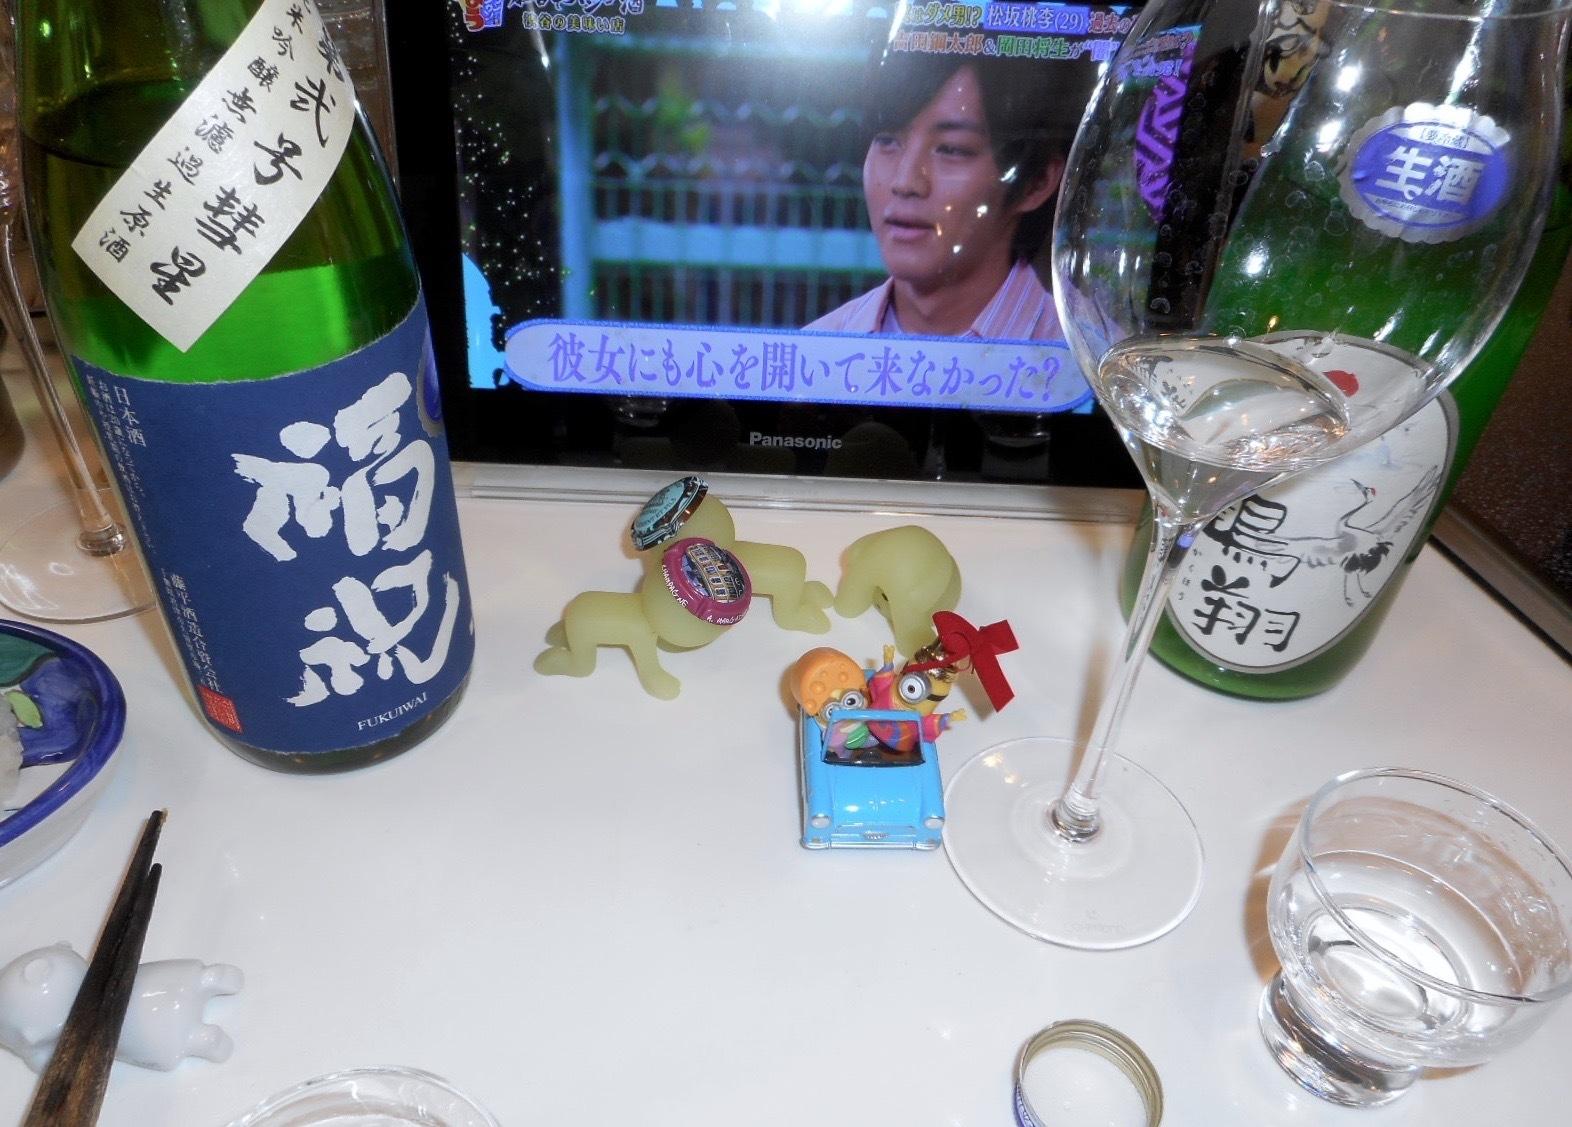 fukuiwai_suisei55nama29by3.jpg